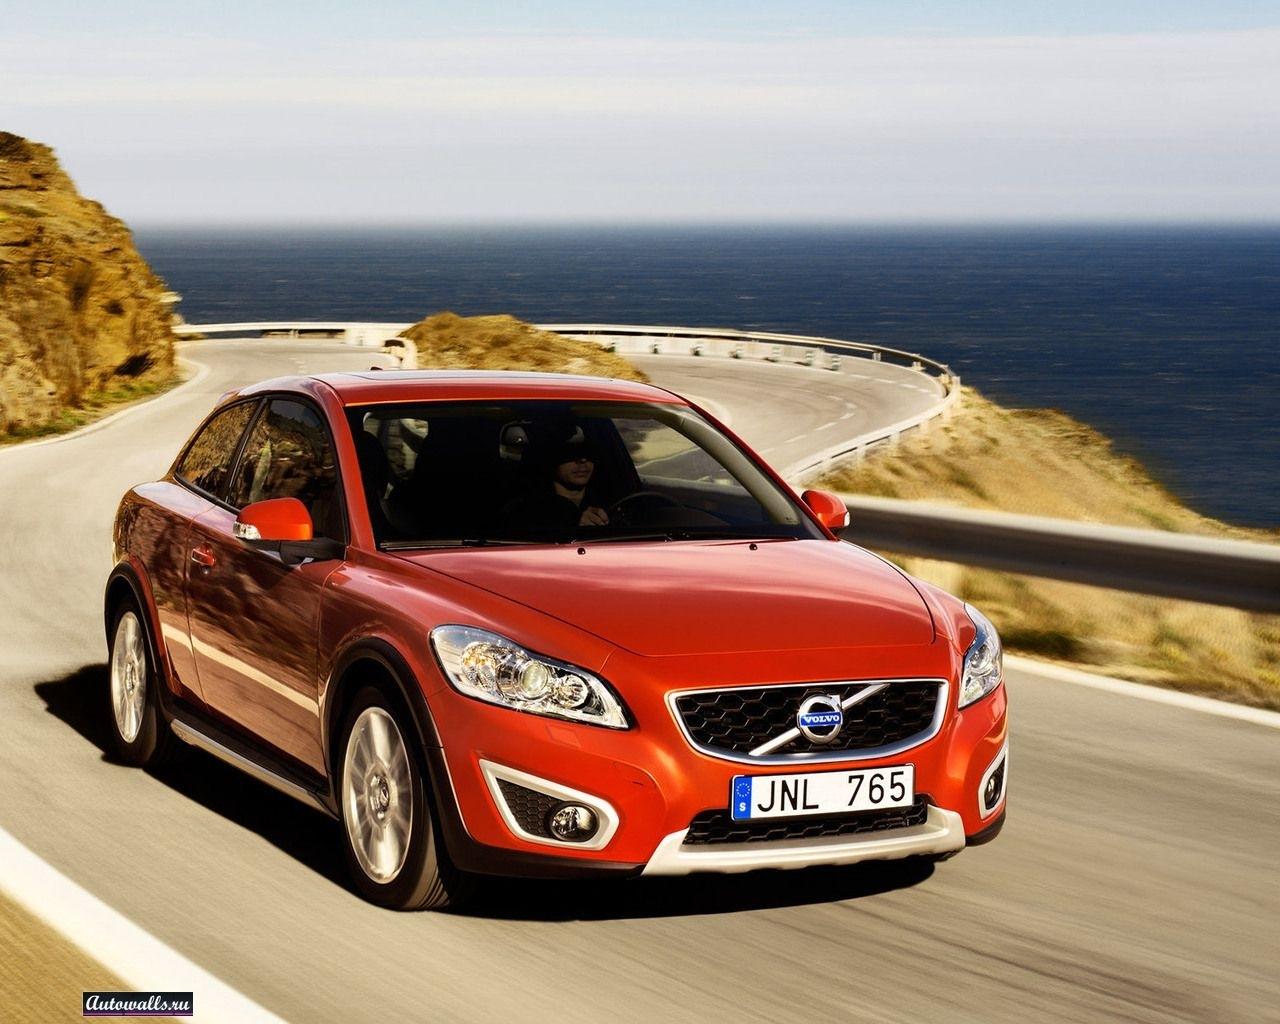 5508 скачать обои Транспорт, Машины, Вольво (Volvo) - заставки и картинки бесплатно